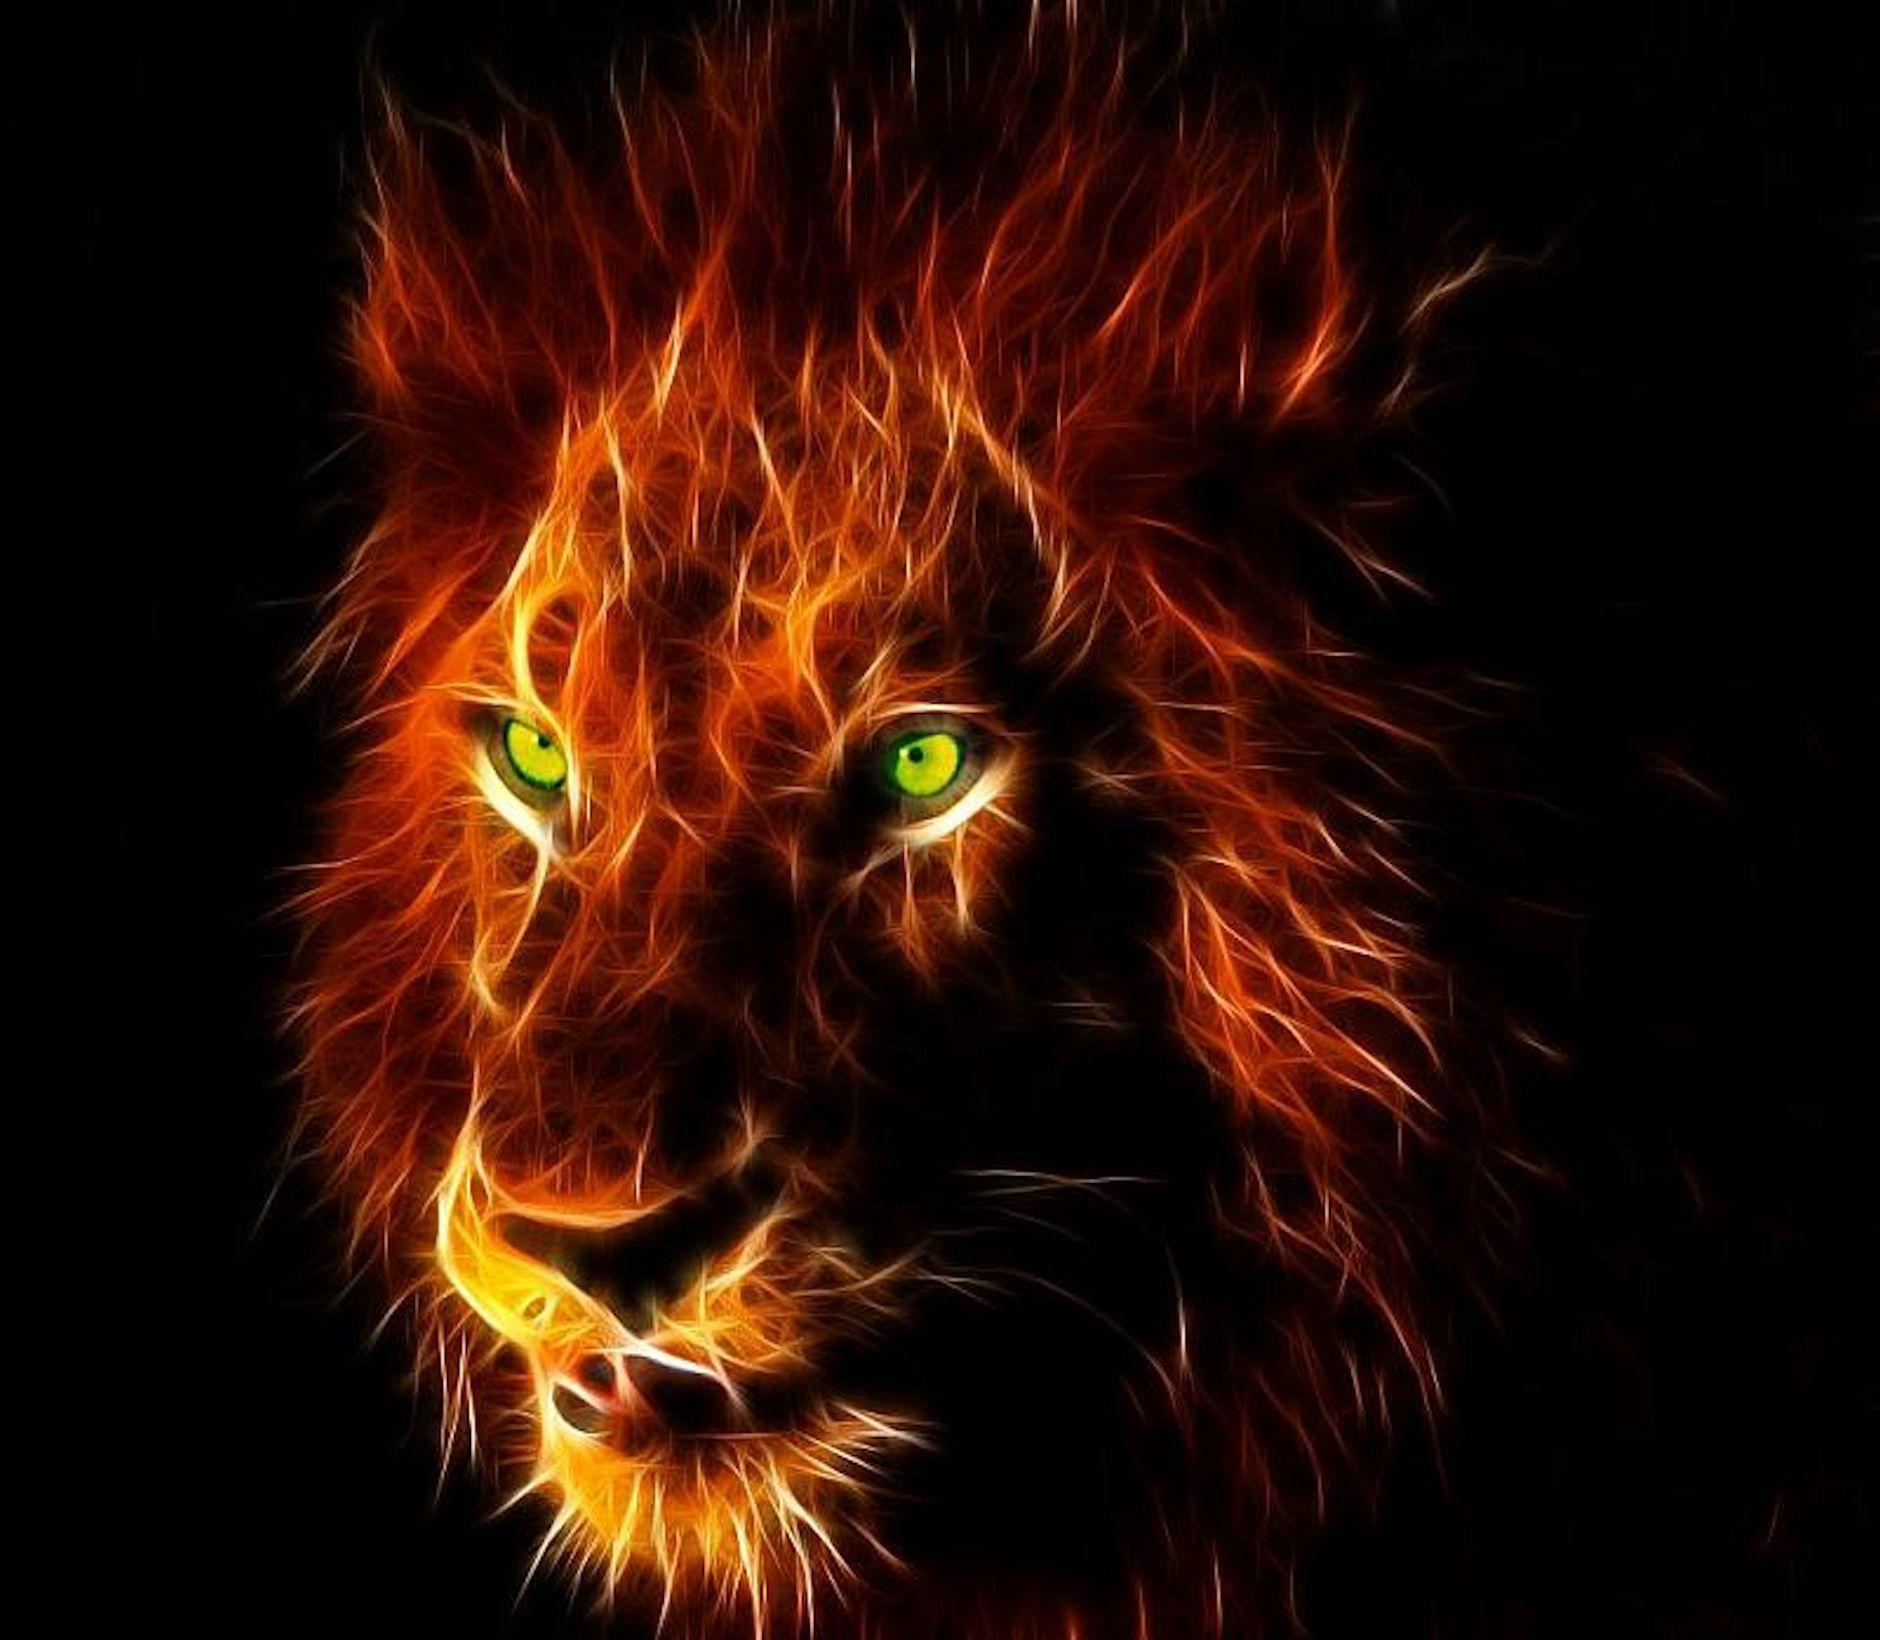 Hình nền nguy hiểm 1880x1640 14x68w5 Sư tử nguy hiểm Full HD HD